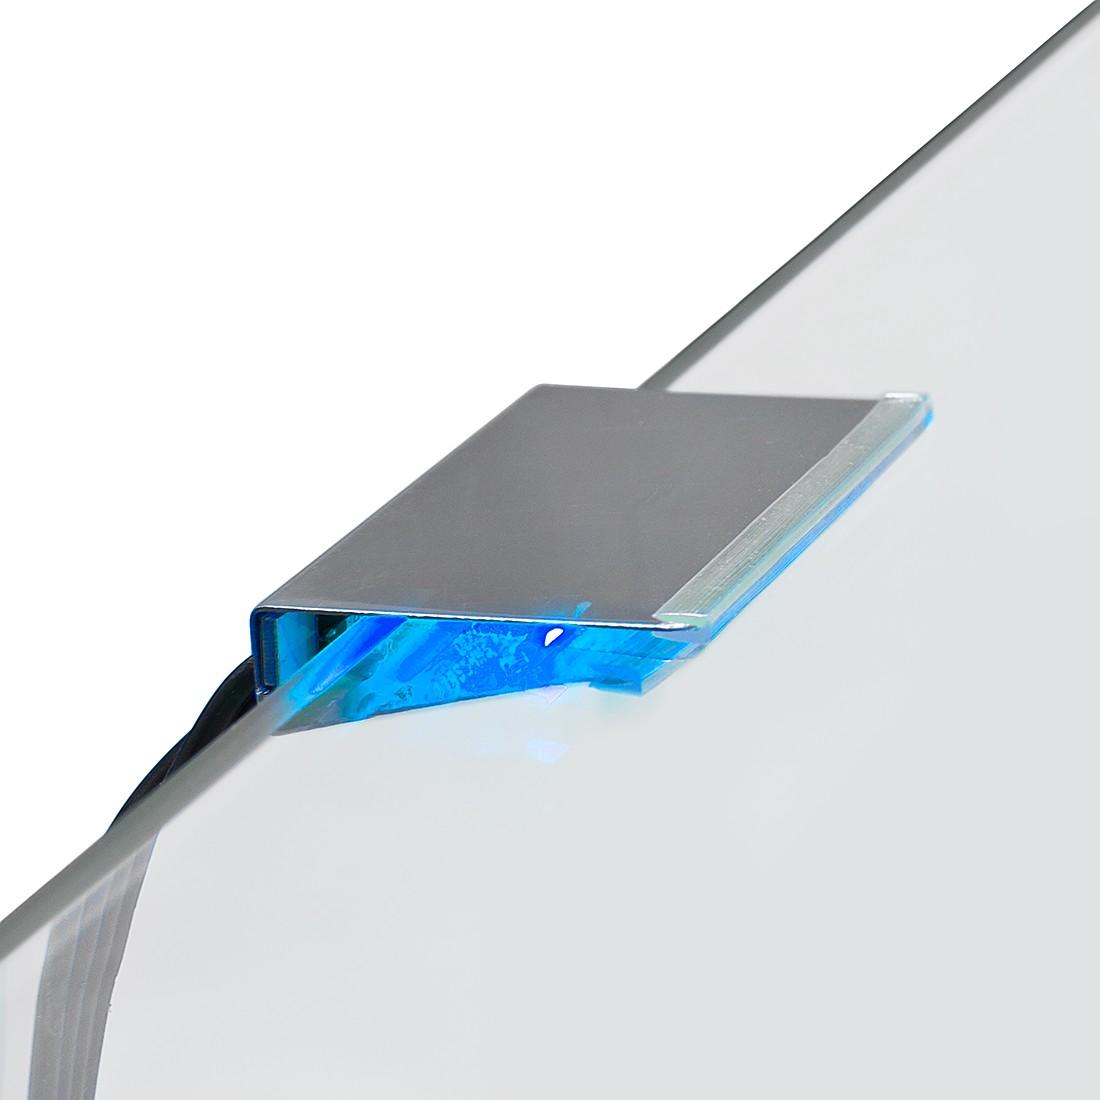 EEK A+, RGB-LED-Clip Led – 4-flammig, Nino Leuchten günstig bestellen